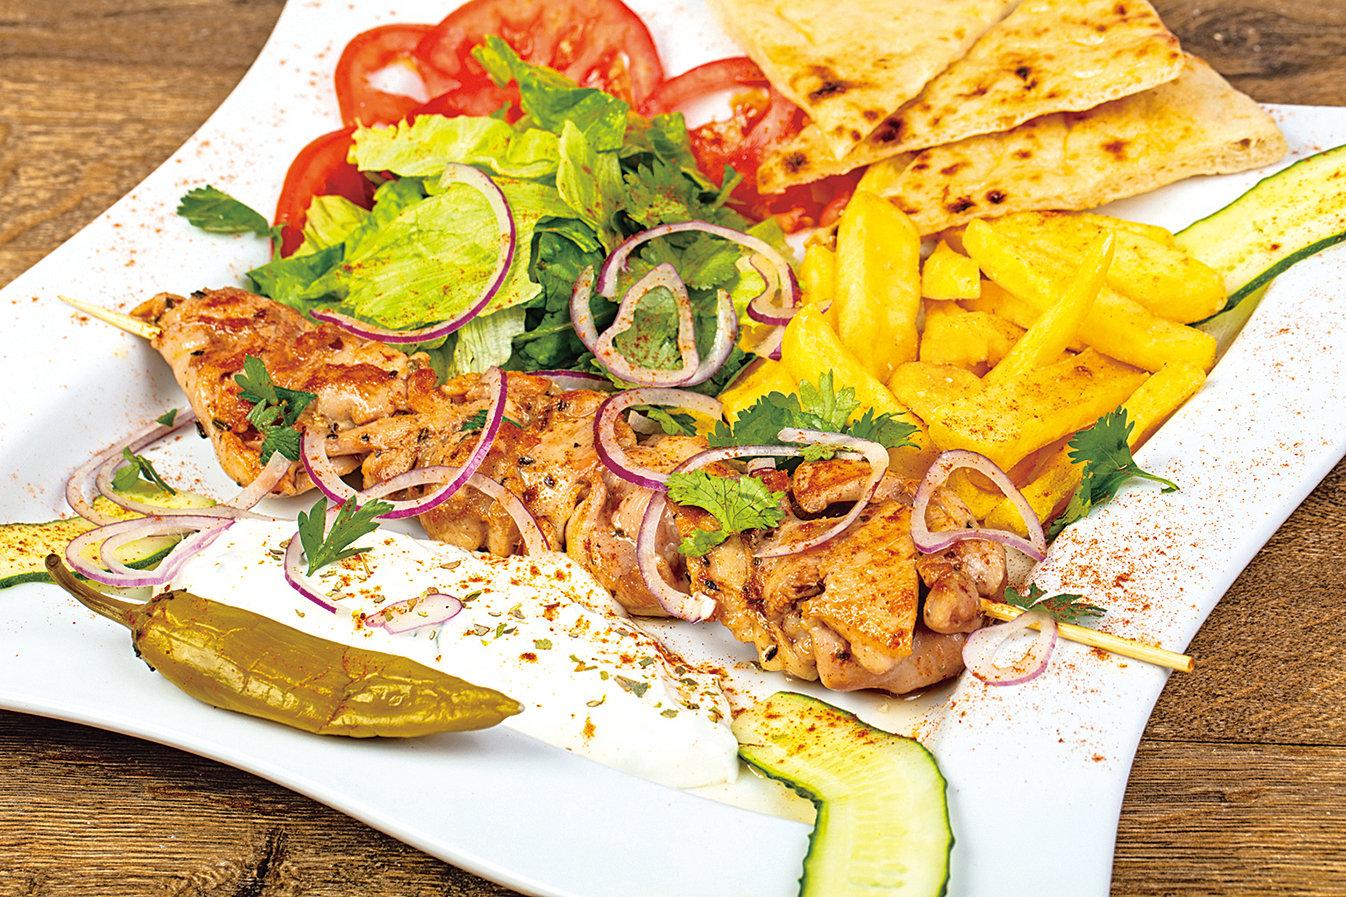 蘇夫拉起是希臘的美食代表,也是一般人熟知的「烤肉串」。